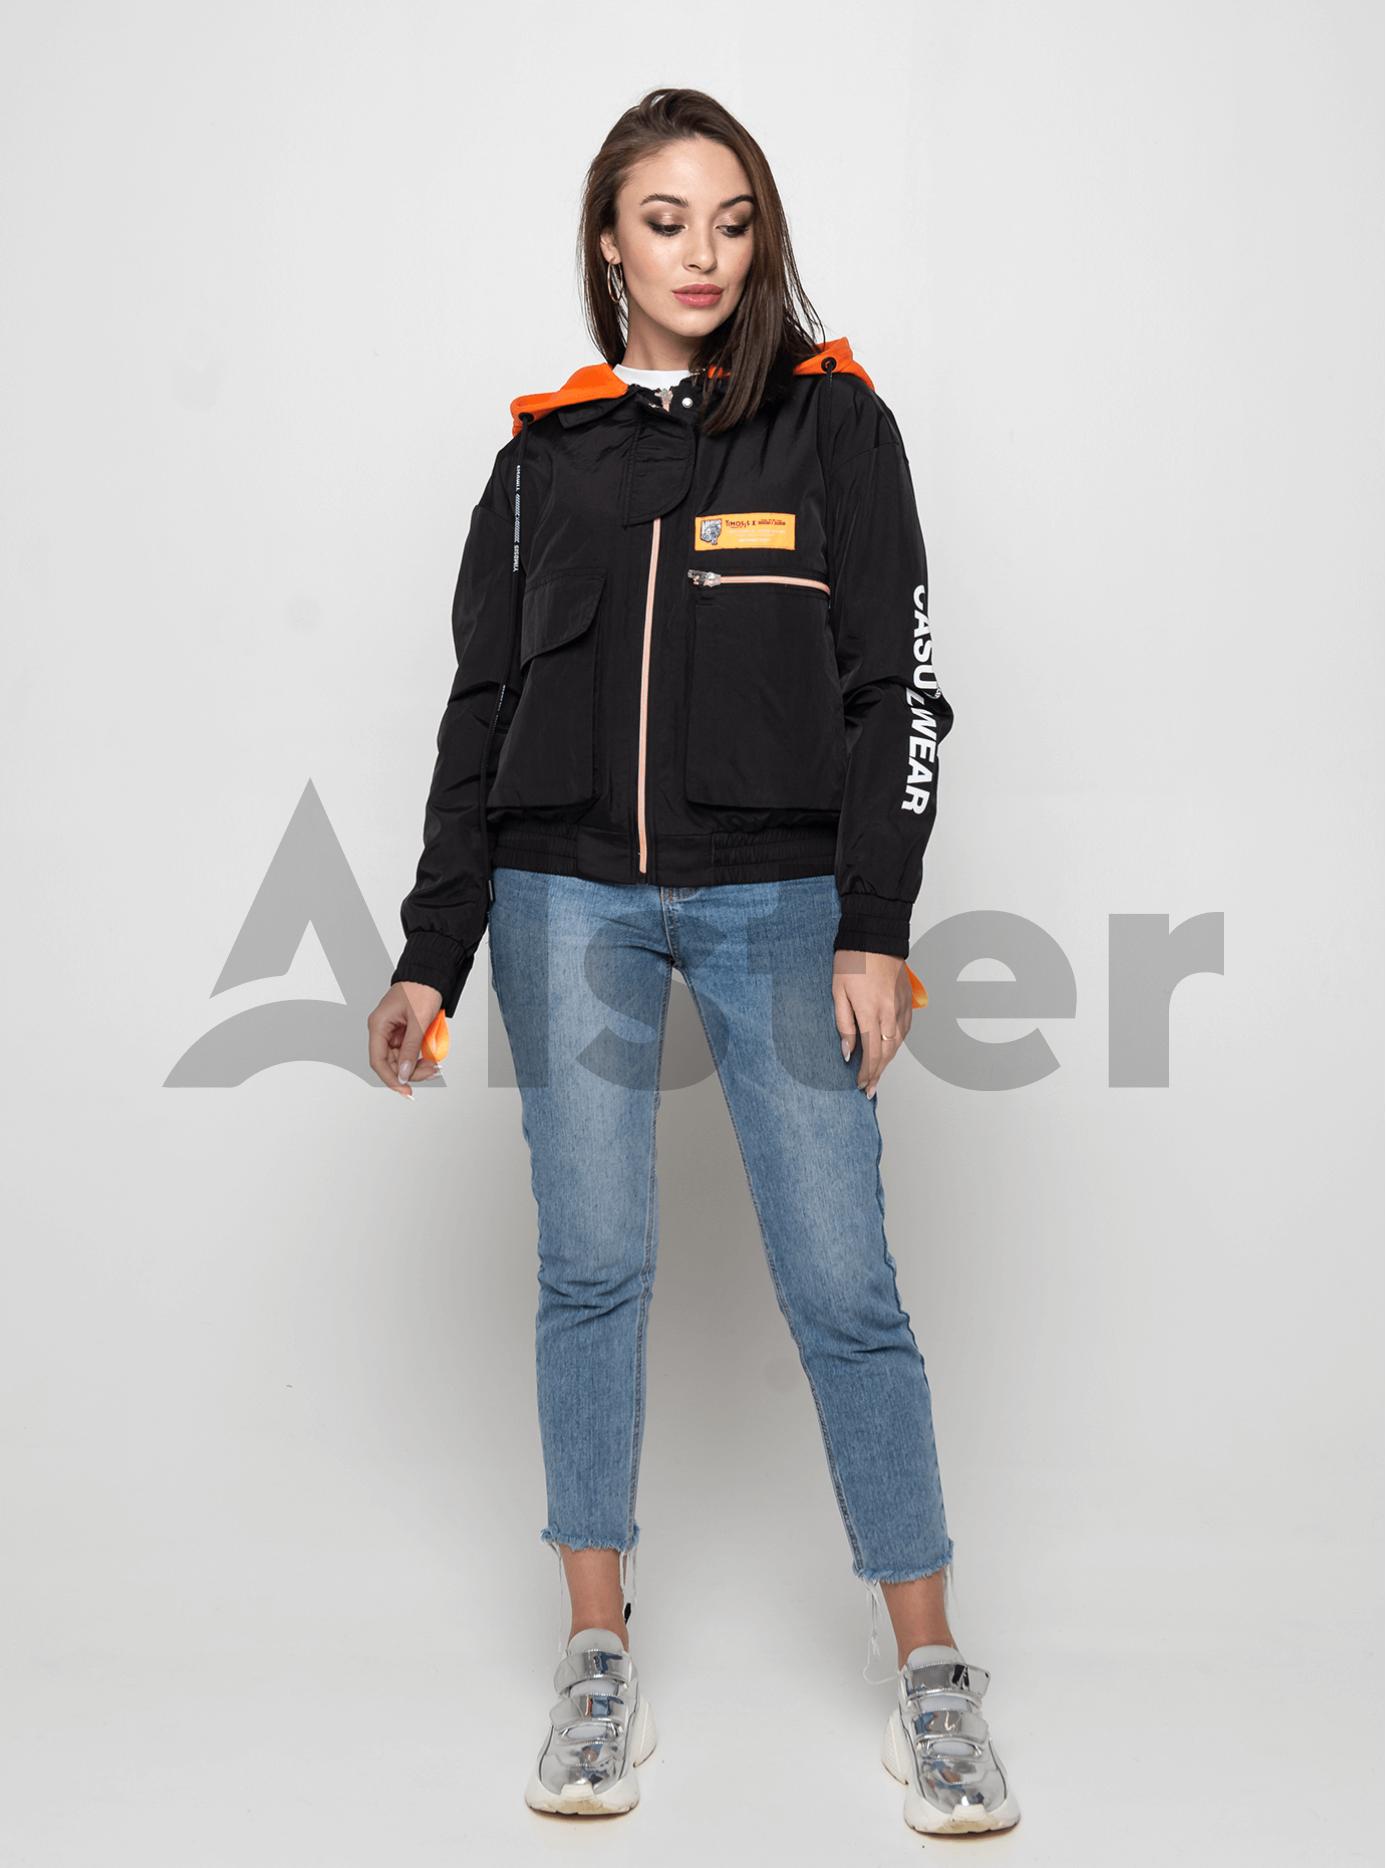 Куртка демисезонная с ярким капюшоном Чёрный M (02-Y191033): фото - Alster.ua